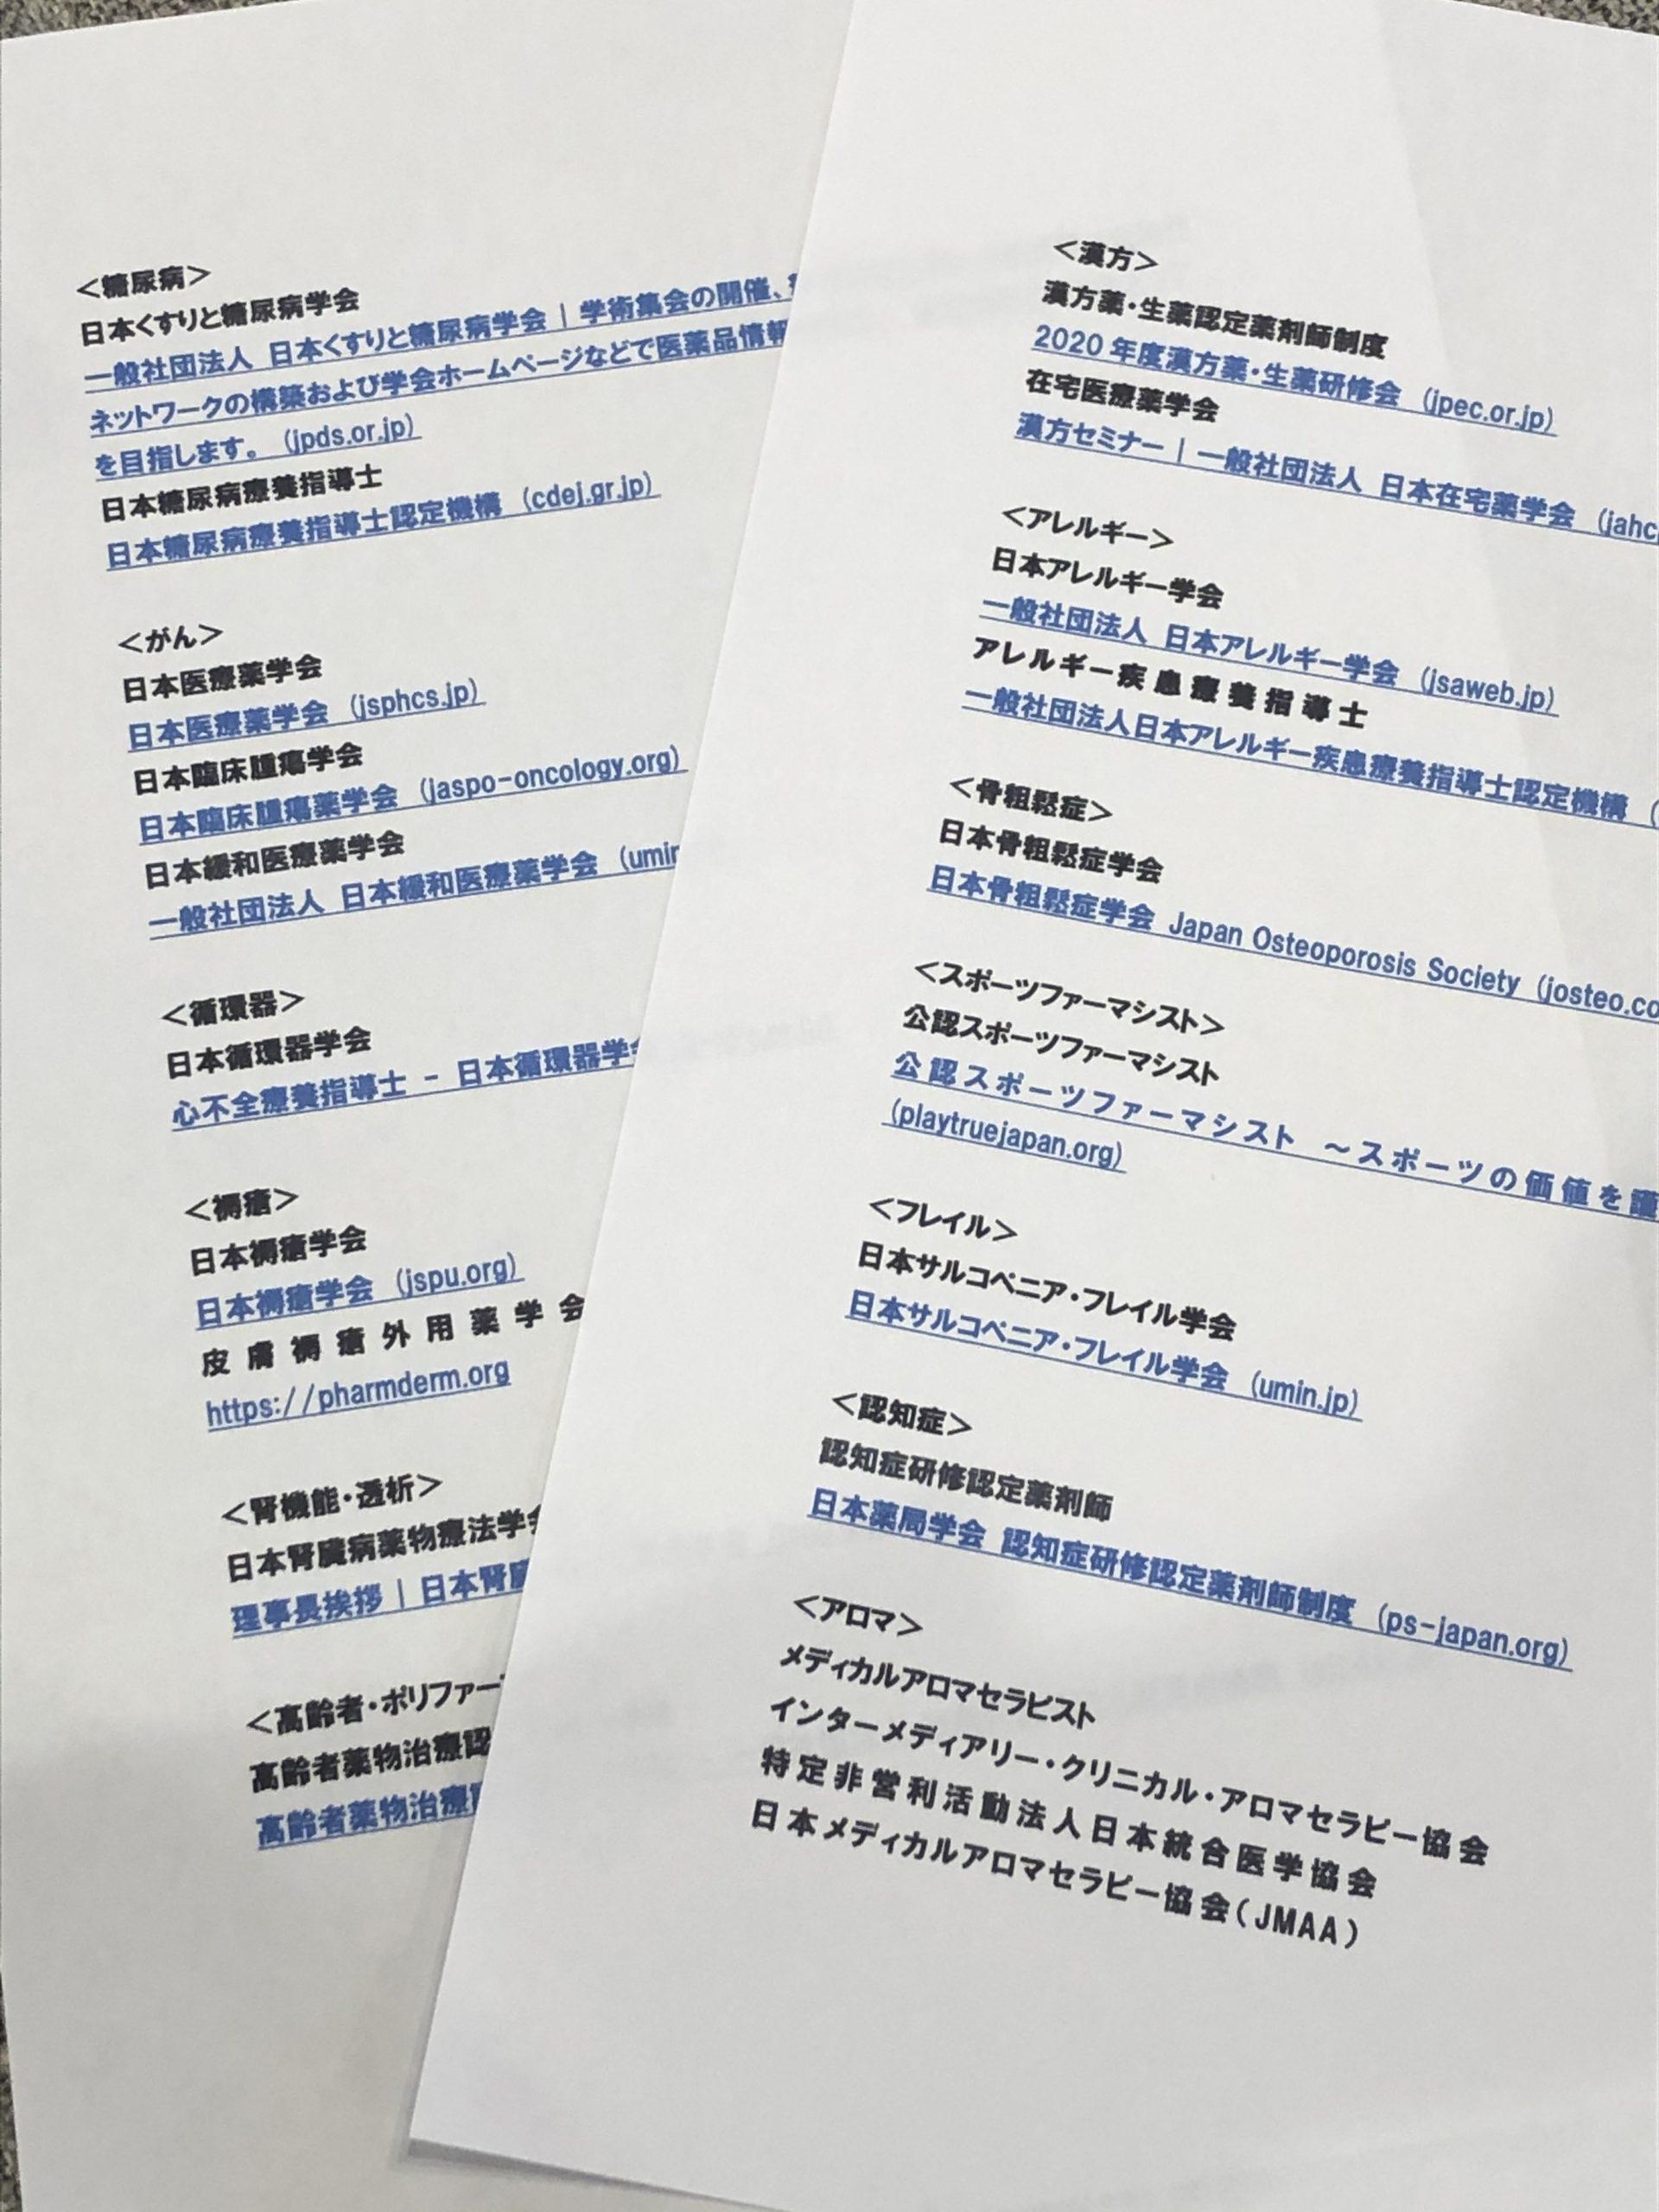 2年目薬剤師マルの徒然日誌 〜自己研鑽のフォロー体制〜